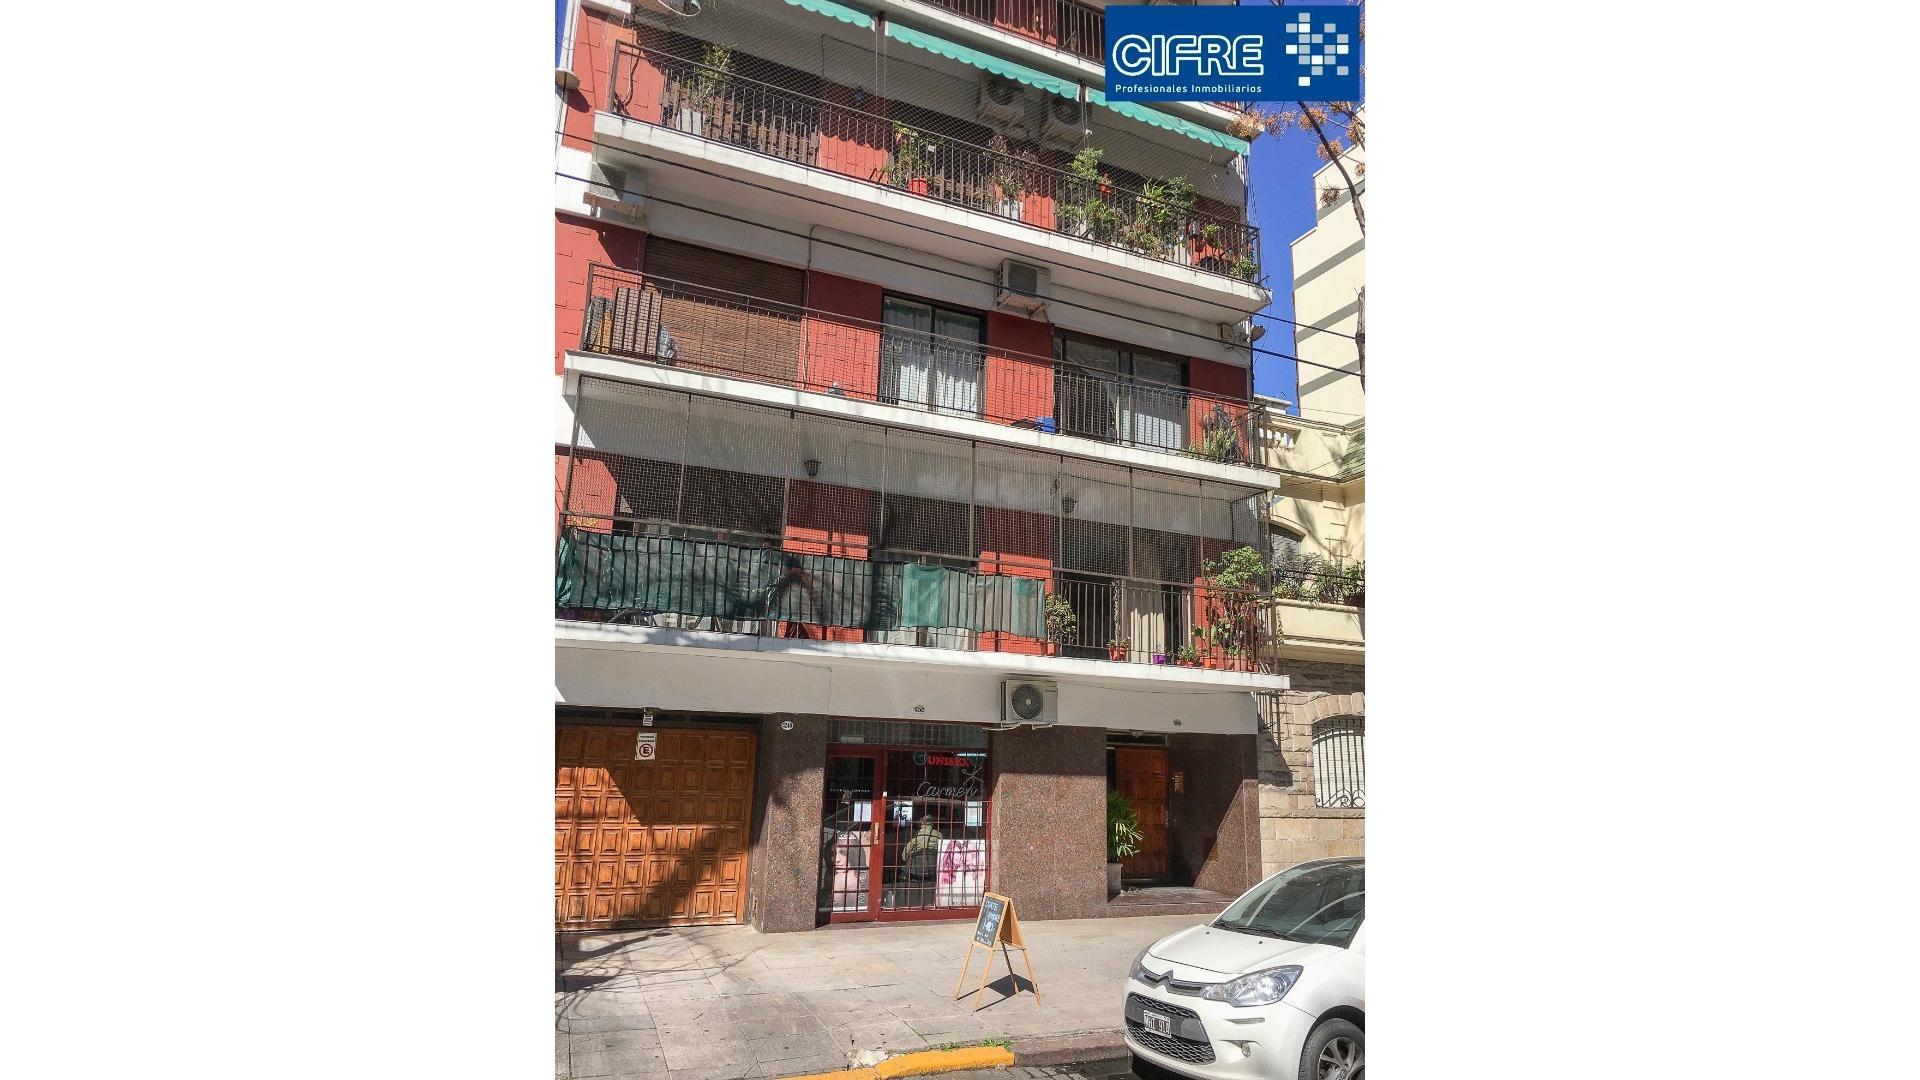 Departamento de 4 ambientes contra frente bajas expensas Balcon (Suc Urquiza - 4521 3333)